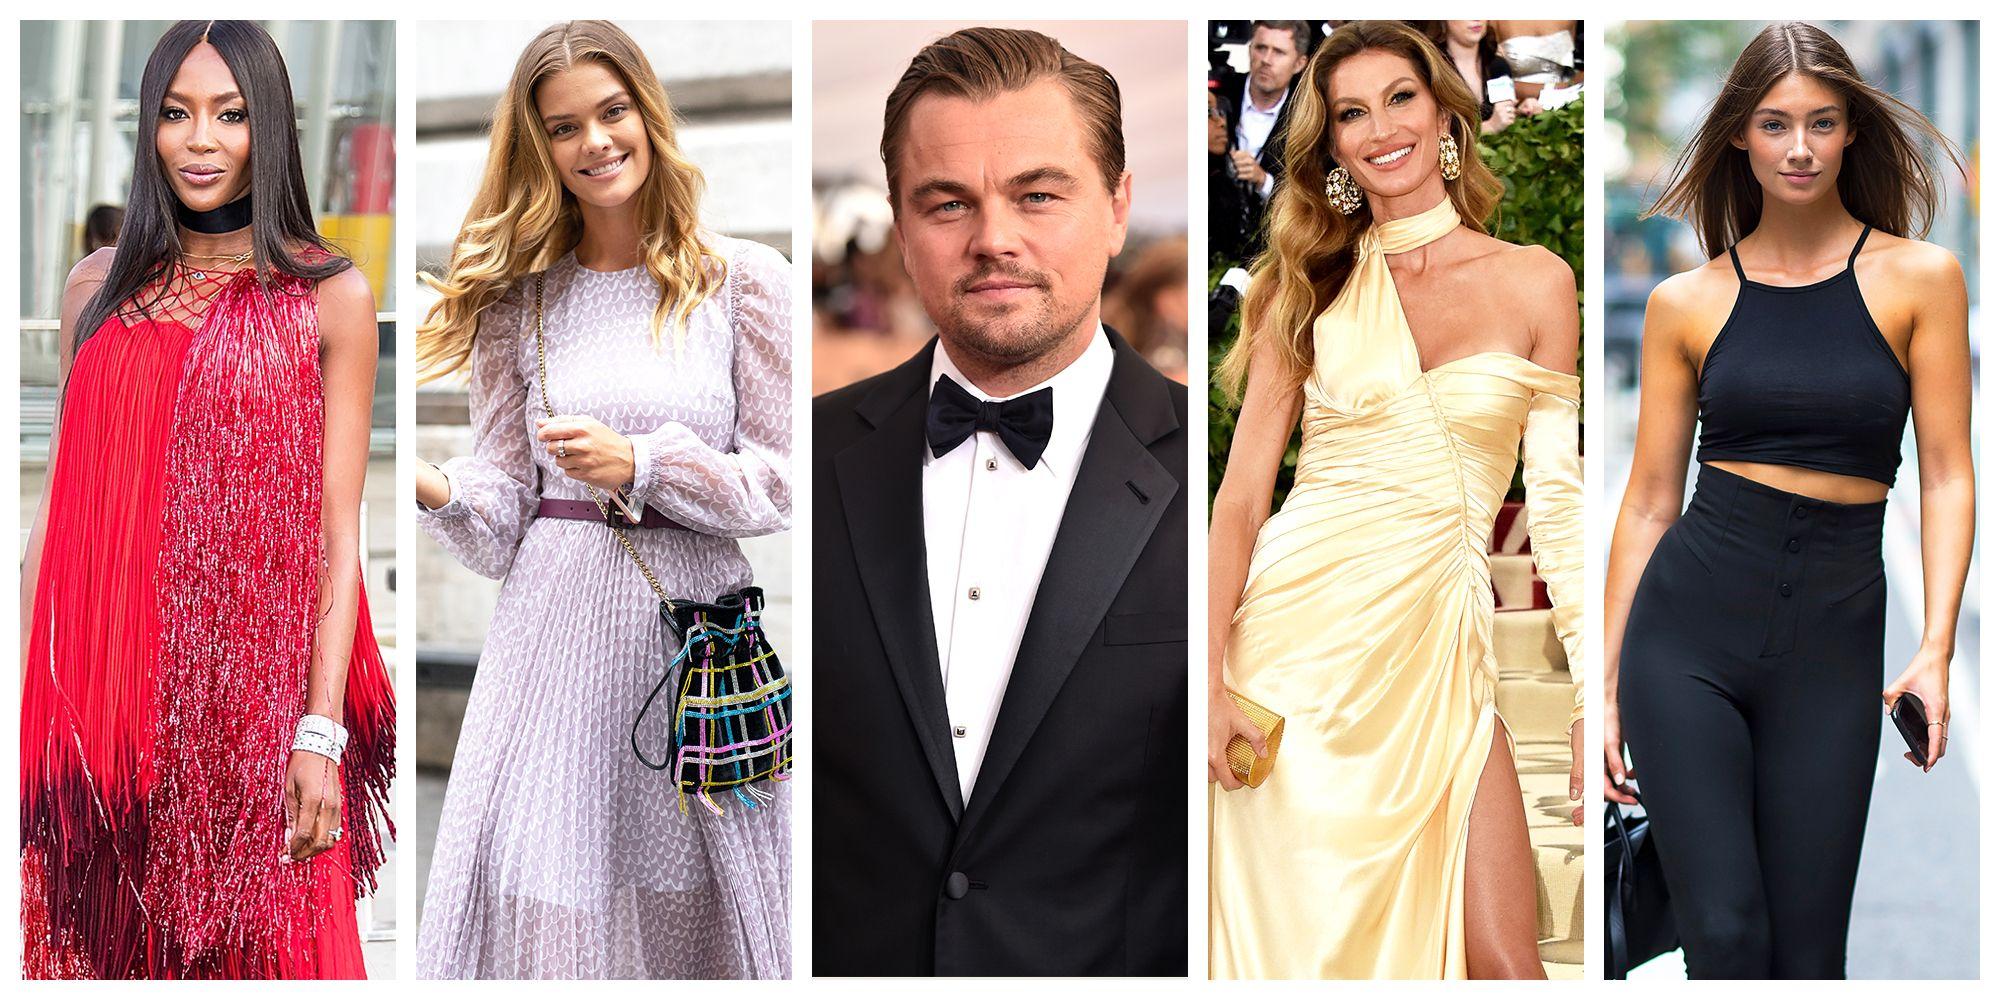 Leonardo DiCaprio Dating History - Leonardo DiCaprio's Girlfriends